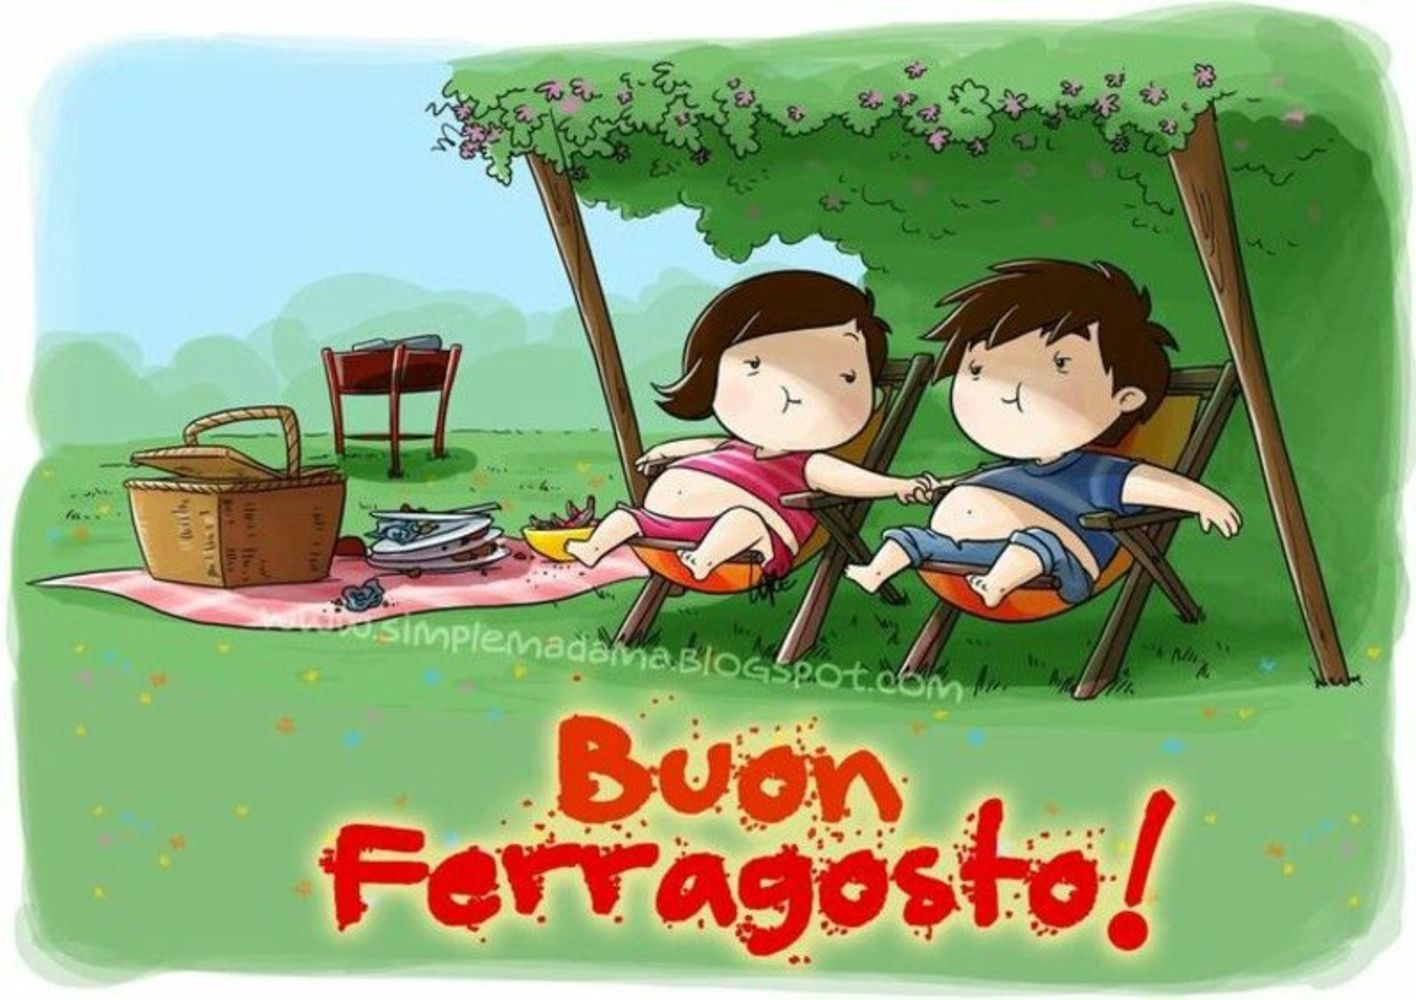 Immgini-Buon-Ferragosto-Nuove-Belle-per-Whatsapp-80